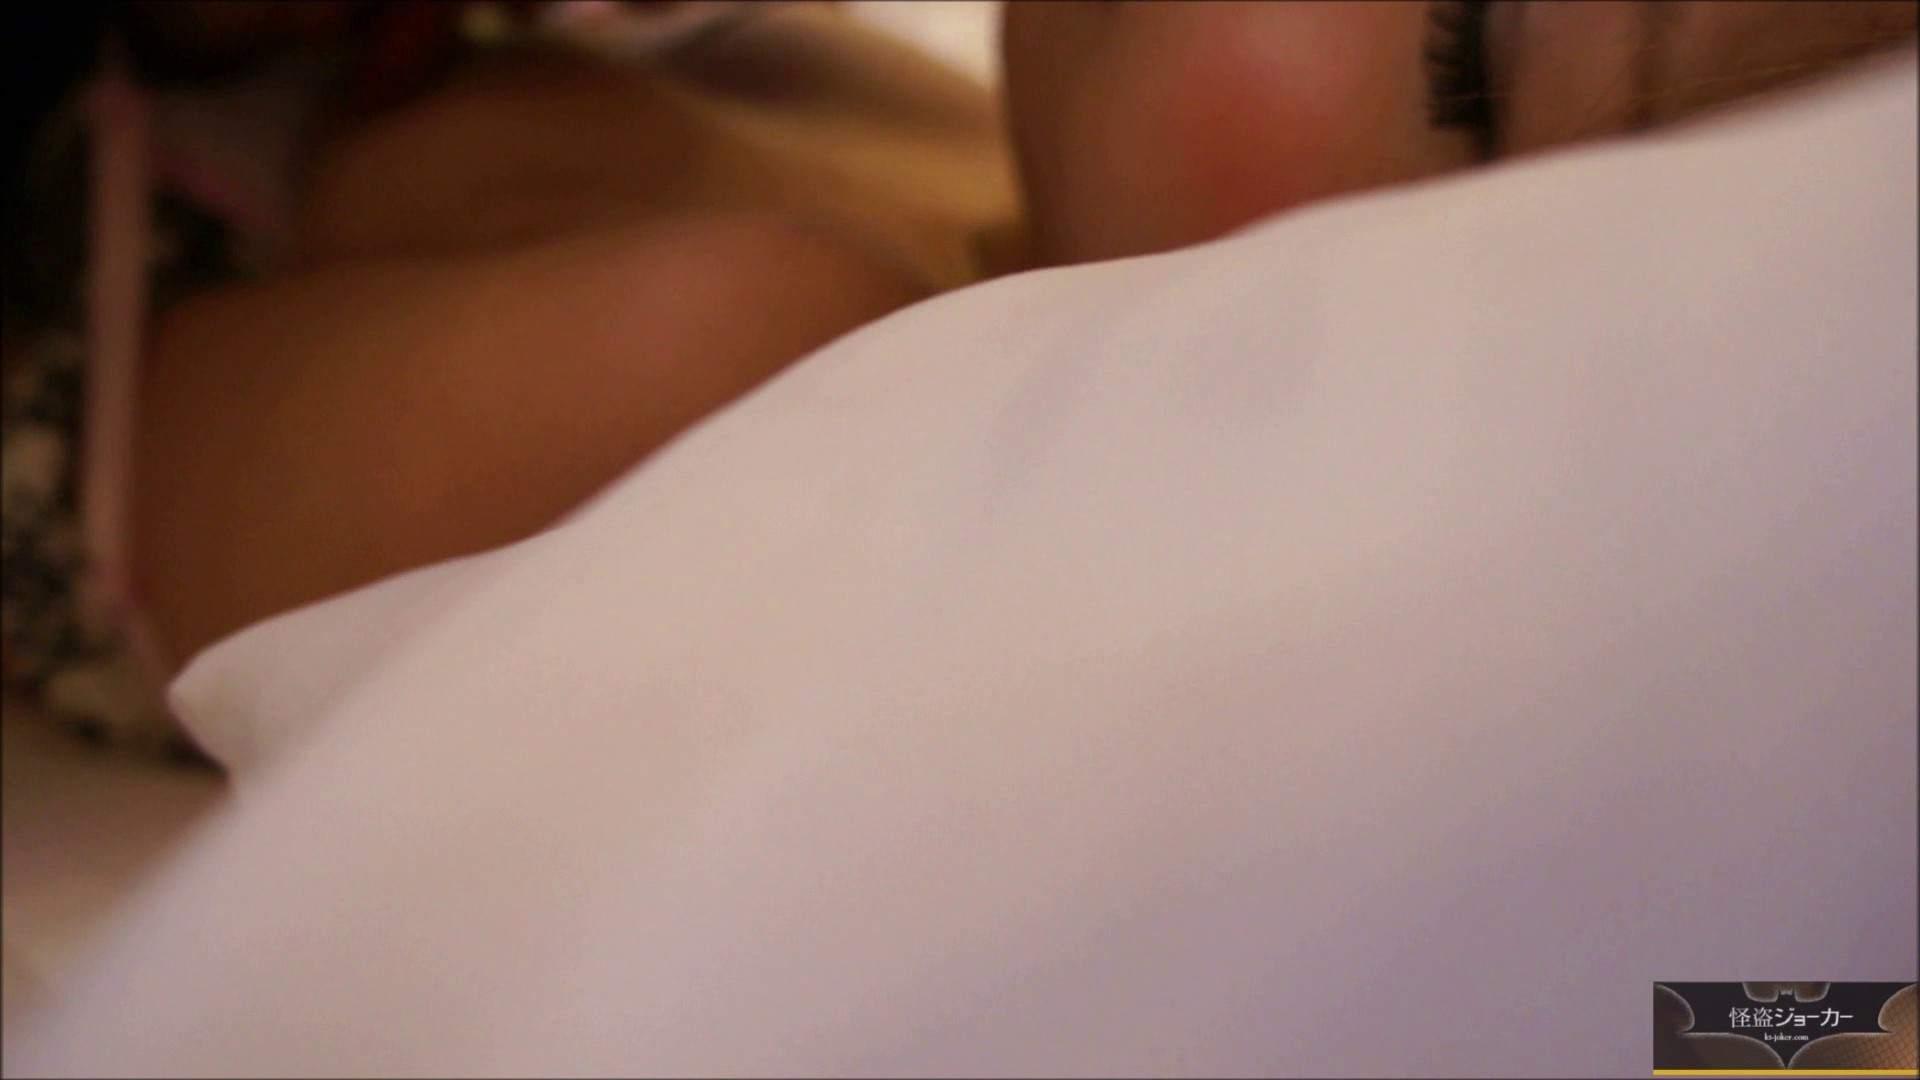 【未公開】vol.12【美人若妻】早苗さん②・・・求め、乱れ、イキっぱなし。 丸見え 性交動画流出 66画像 26